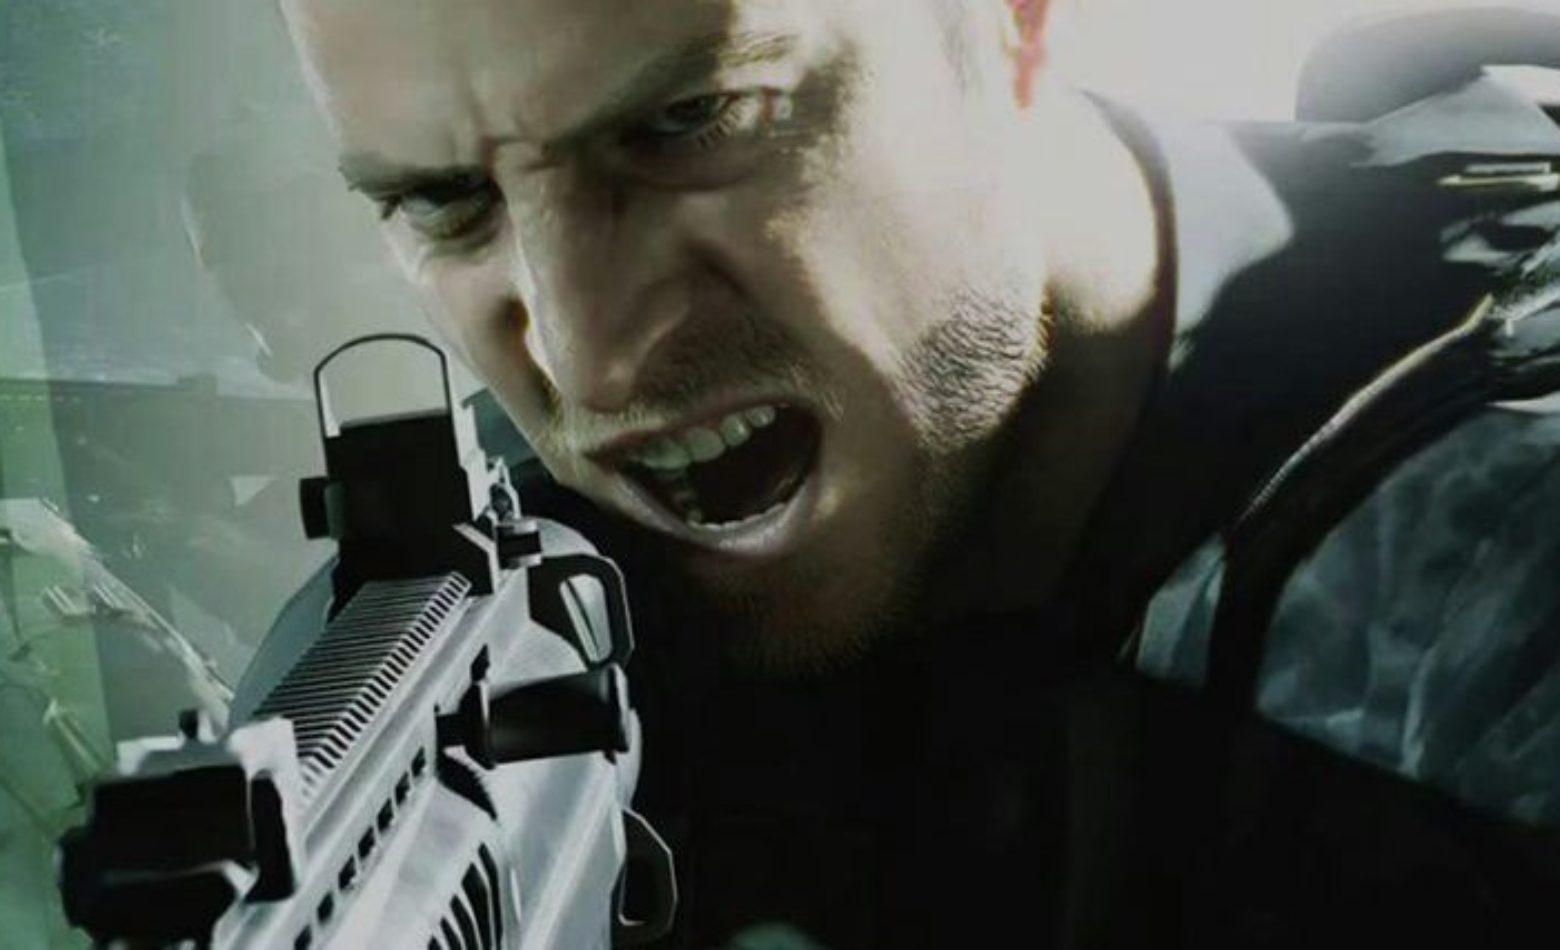 Venha bater um papo com a gente sobre Resident Evil 7: Not a Hero